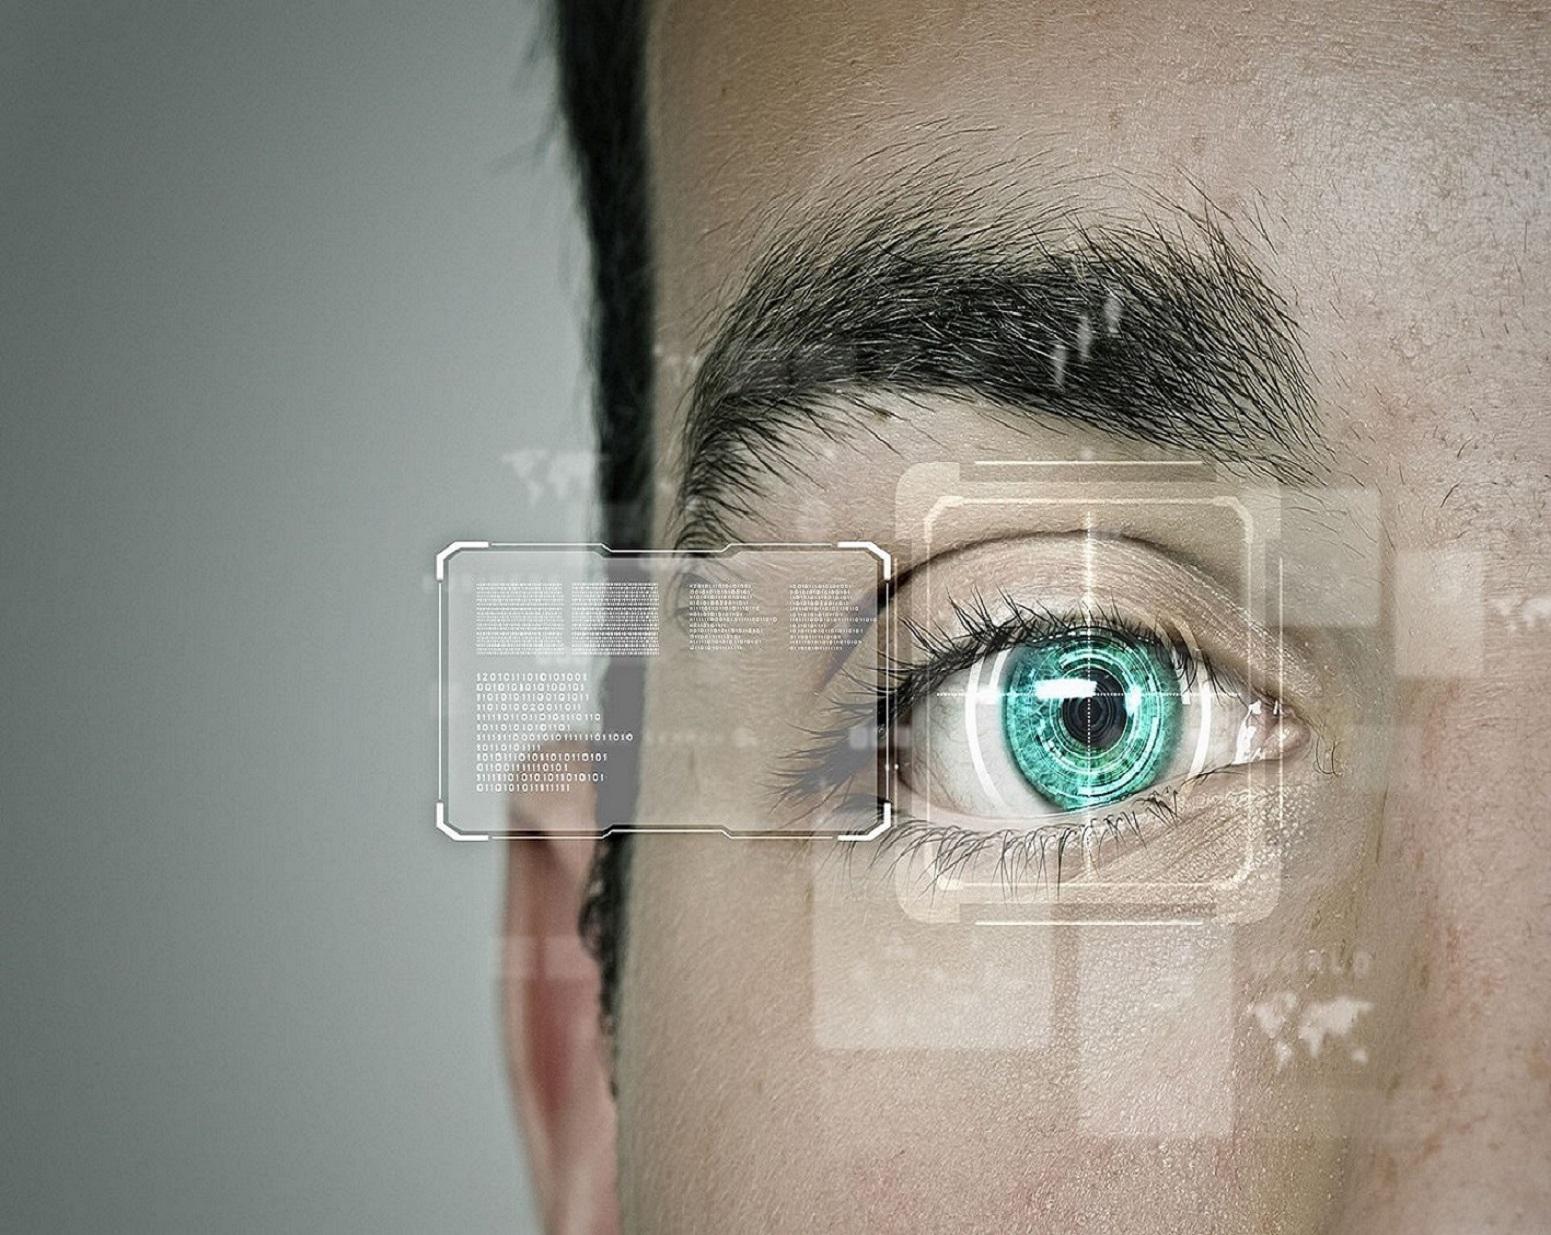 Sistemas de segurança eletrônica: tendências e consumidores